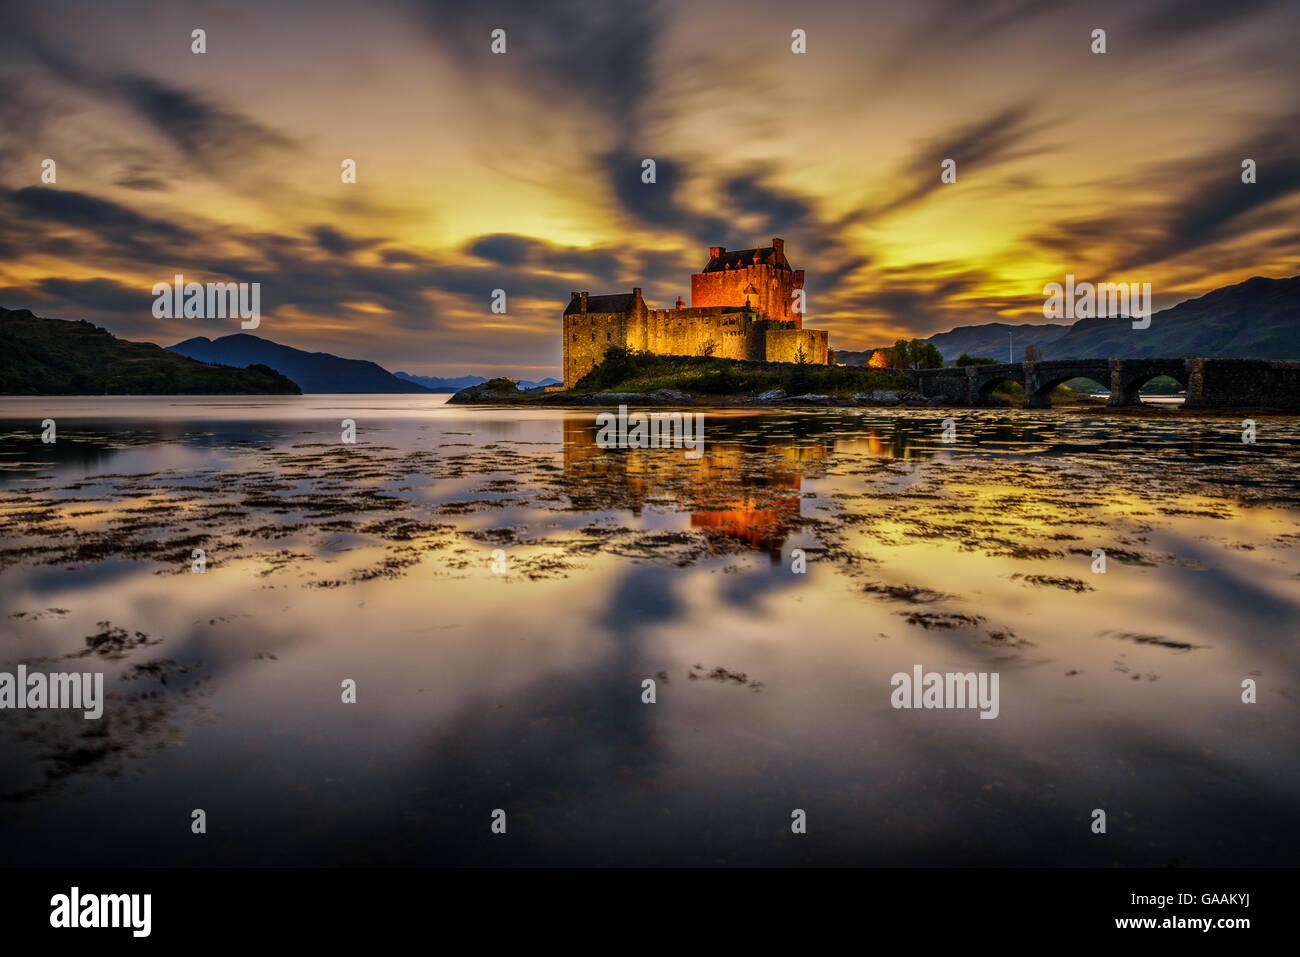 Tramonto sul Castello Eilean Donan, Scotland, Regno Unito. Lunga esposizione. Immagini Stock